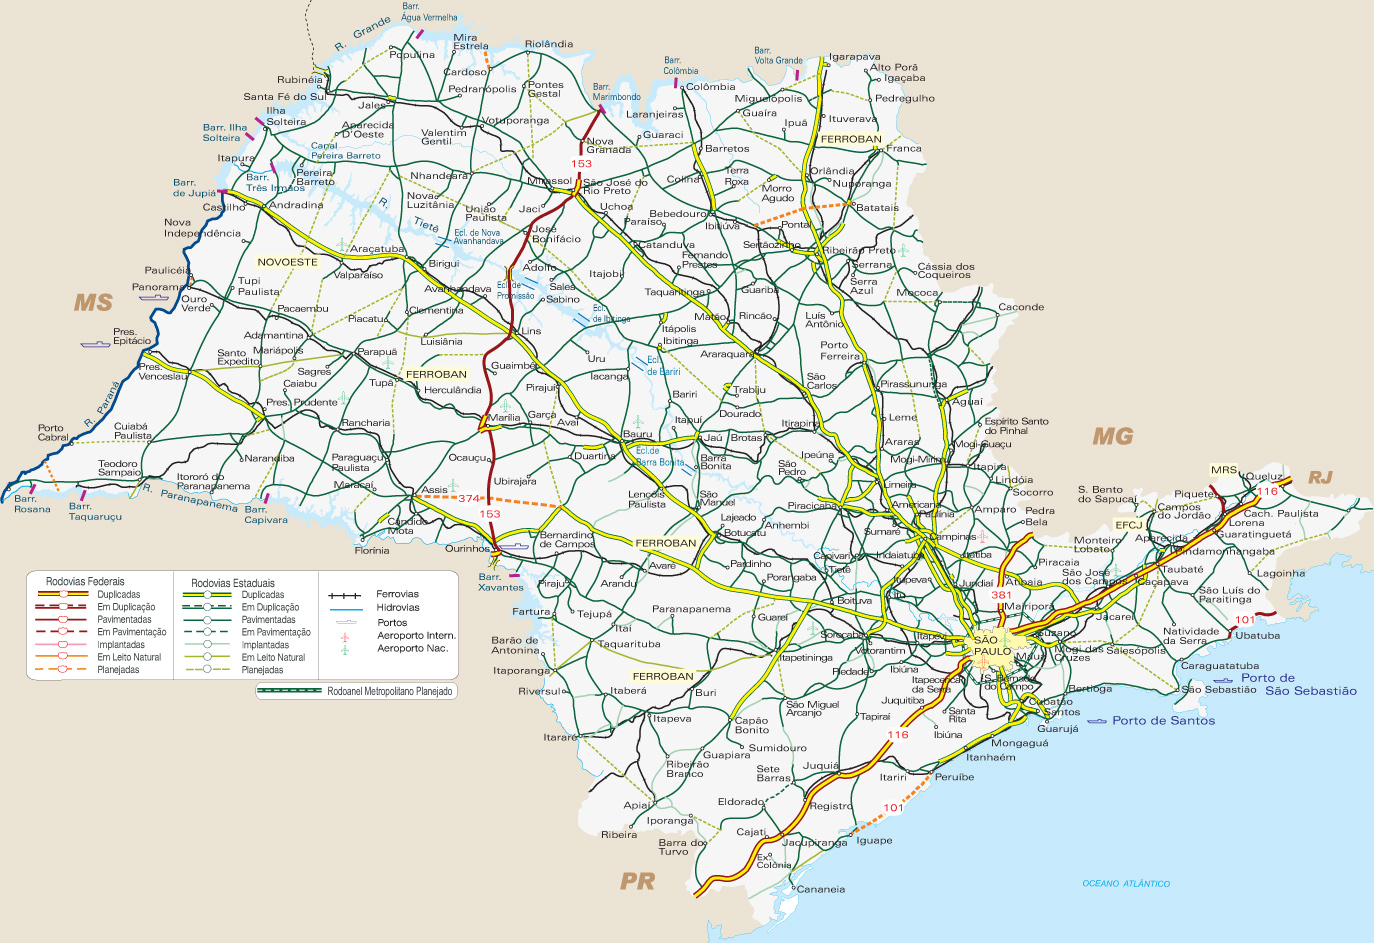 São Paulo | Mapas Geográficos de São Paulo